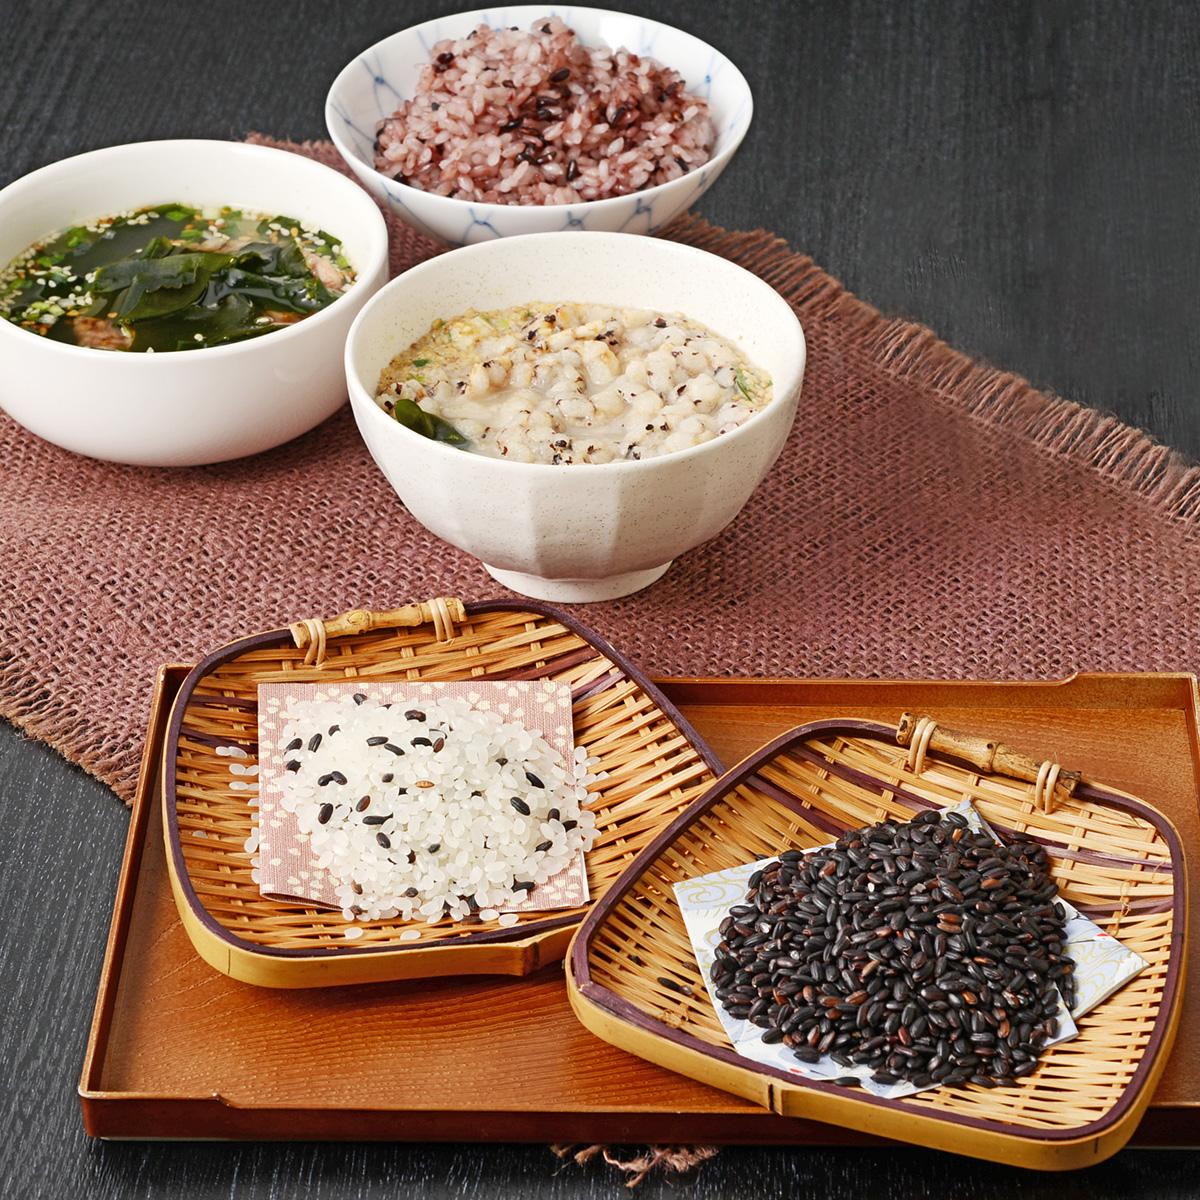 多賀城しろのむらさき 酒・米・スープおすすめセット〔古代米、酒、スープ2種、ササニシキ、ひとめぼれ〕